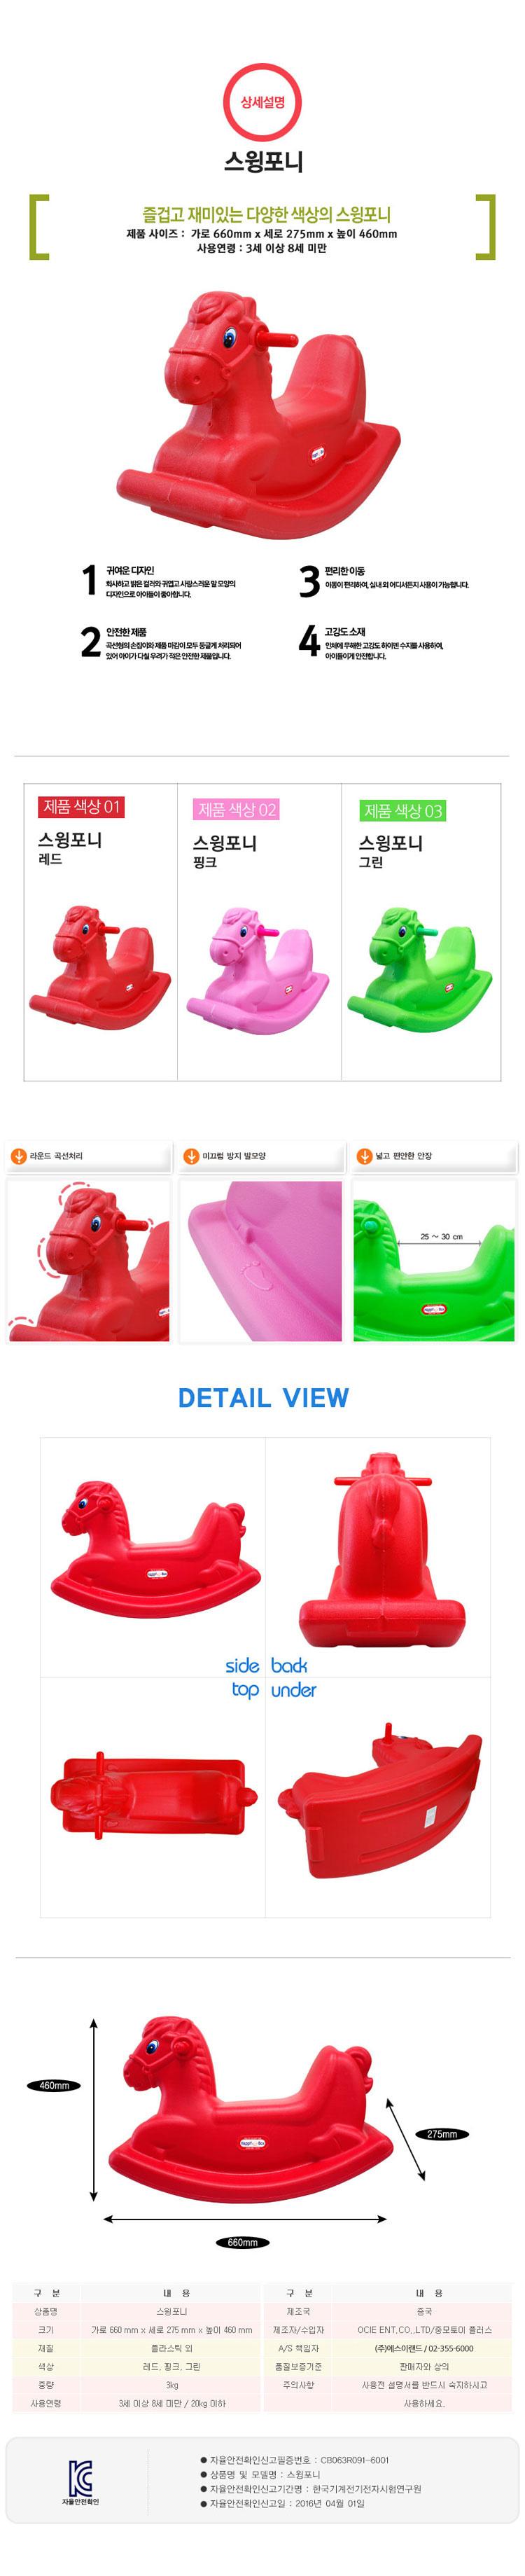 흔들말,어린이집,아동용말,다둥이,아동장난감,장난감말